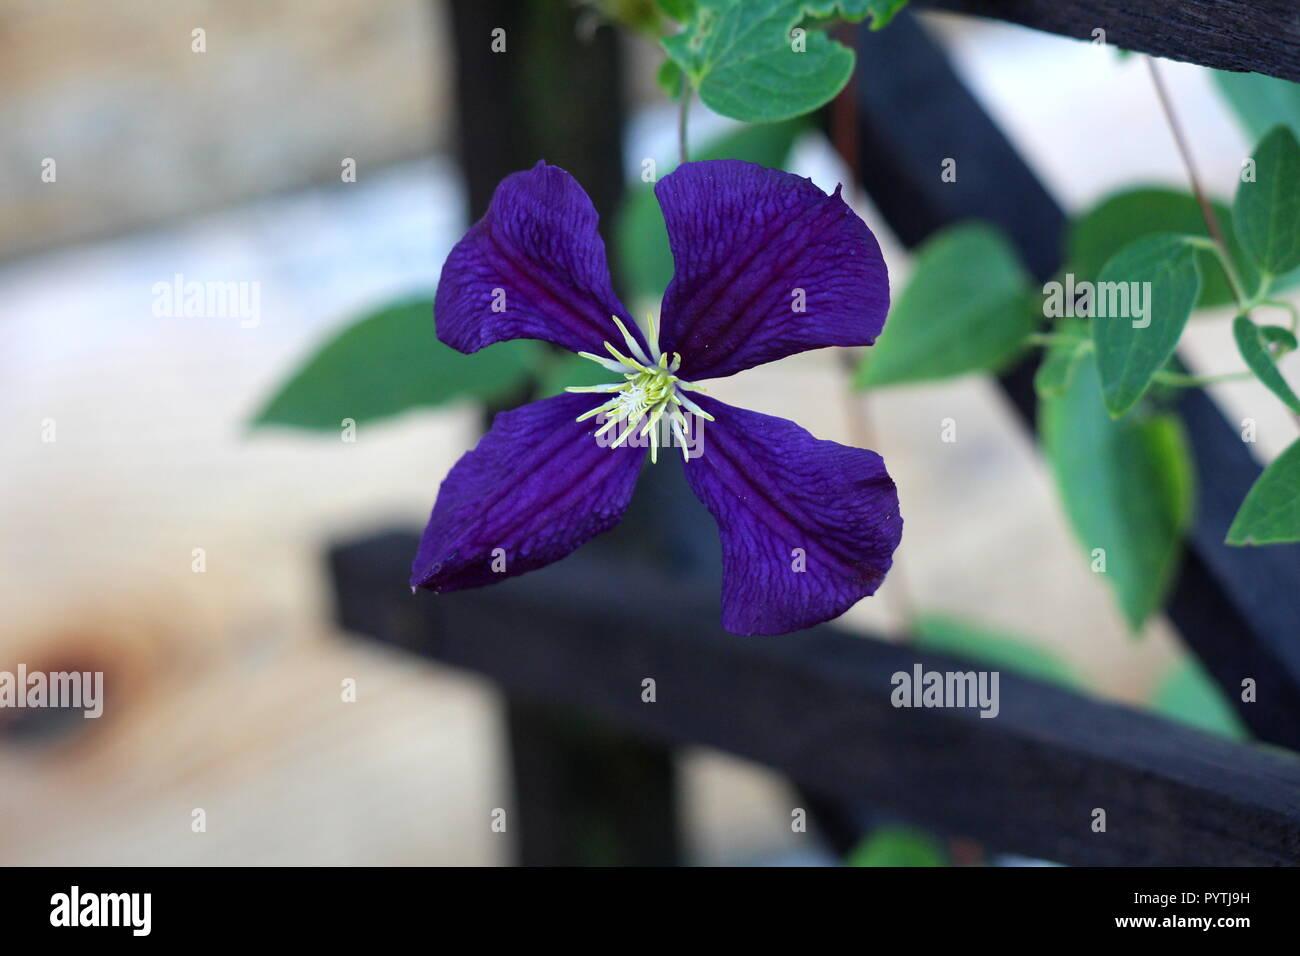 Fiori Gialli Con Quattro Petali.La Clematide Easy Care Perenne Vine Fiore Con Quattro Blu Scuro A